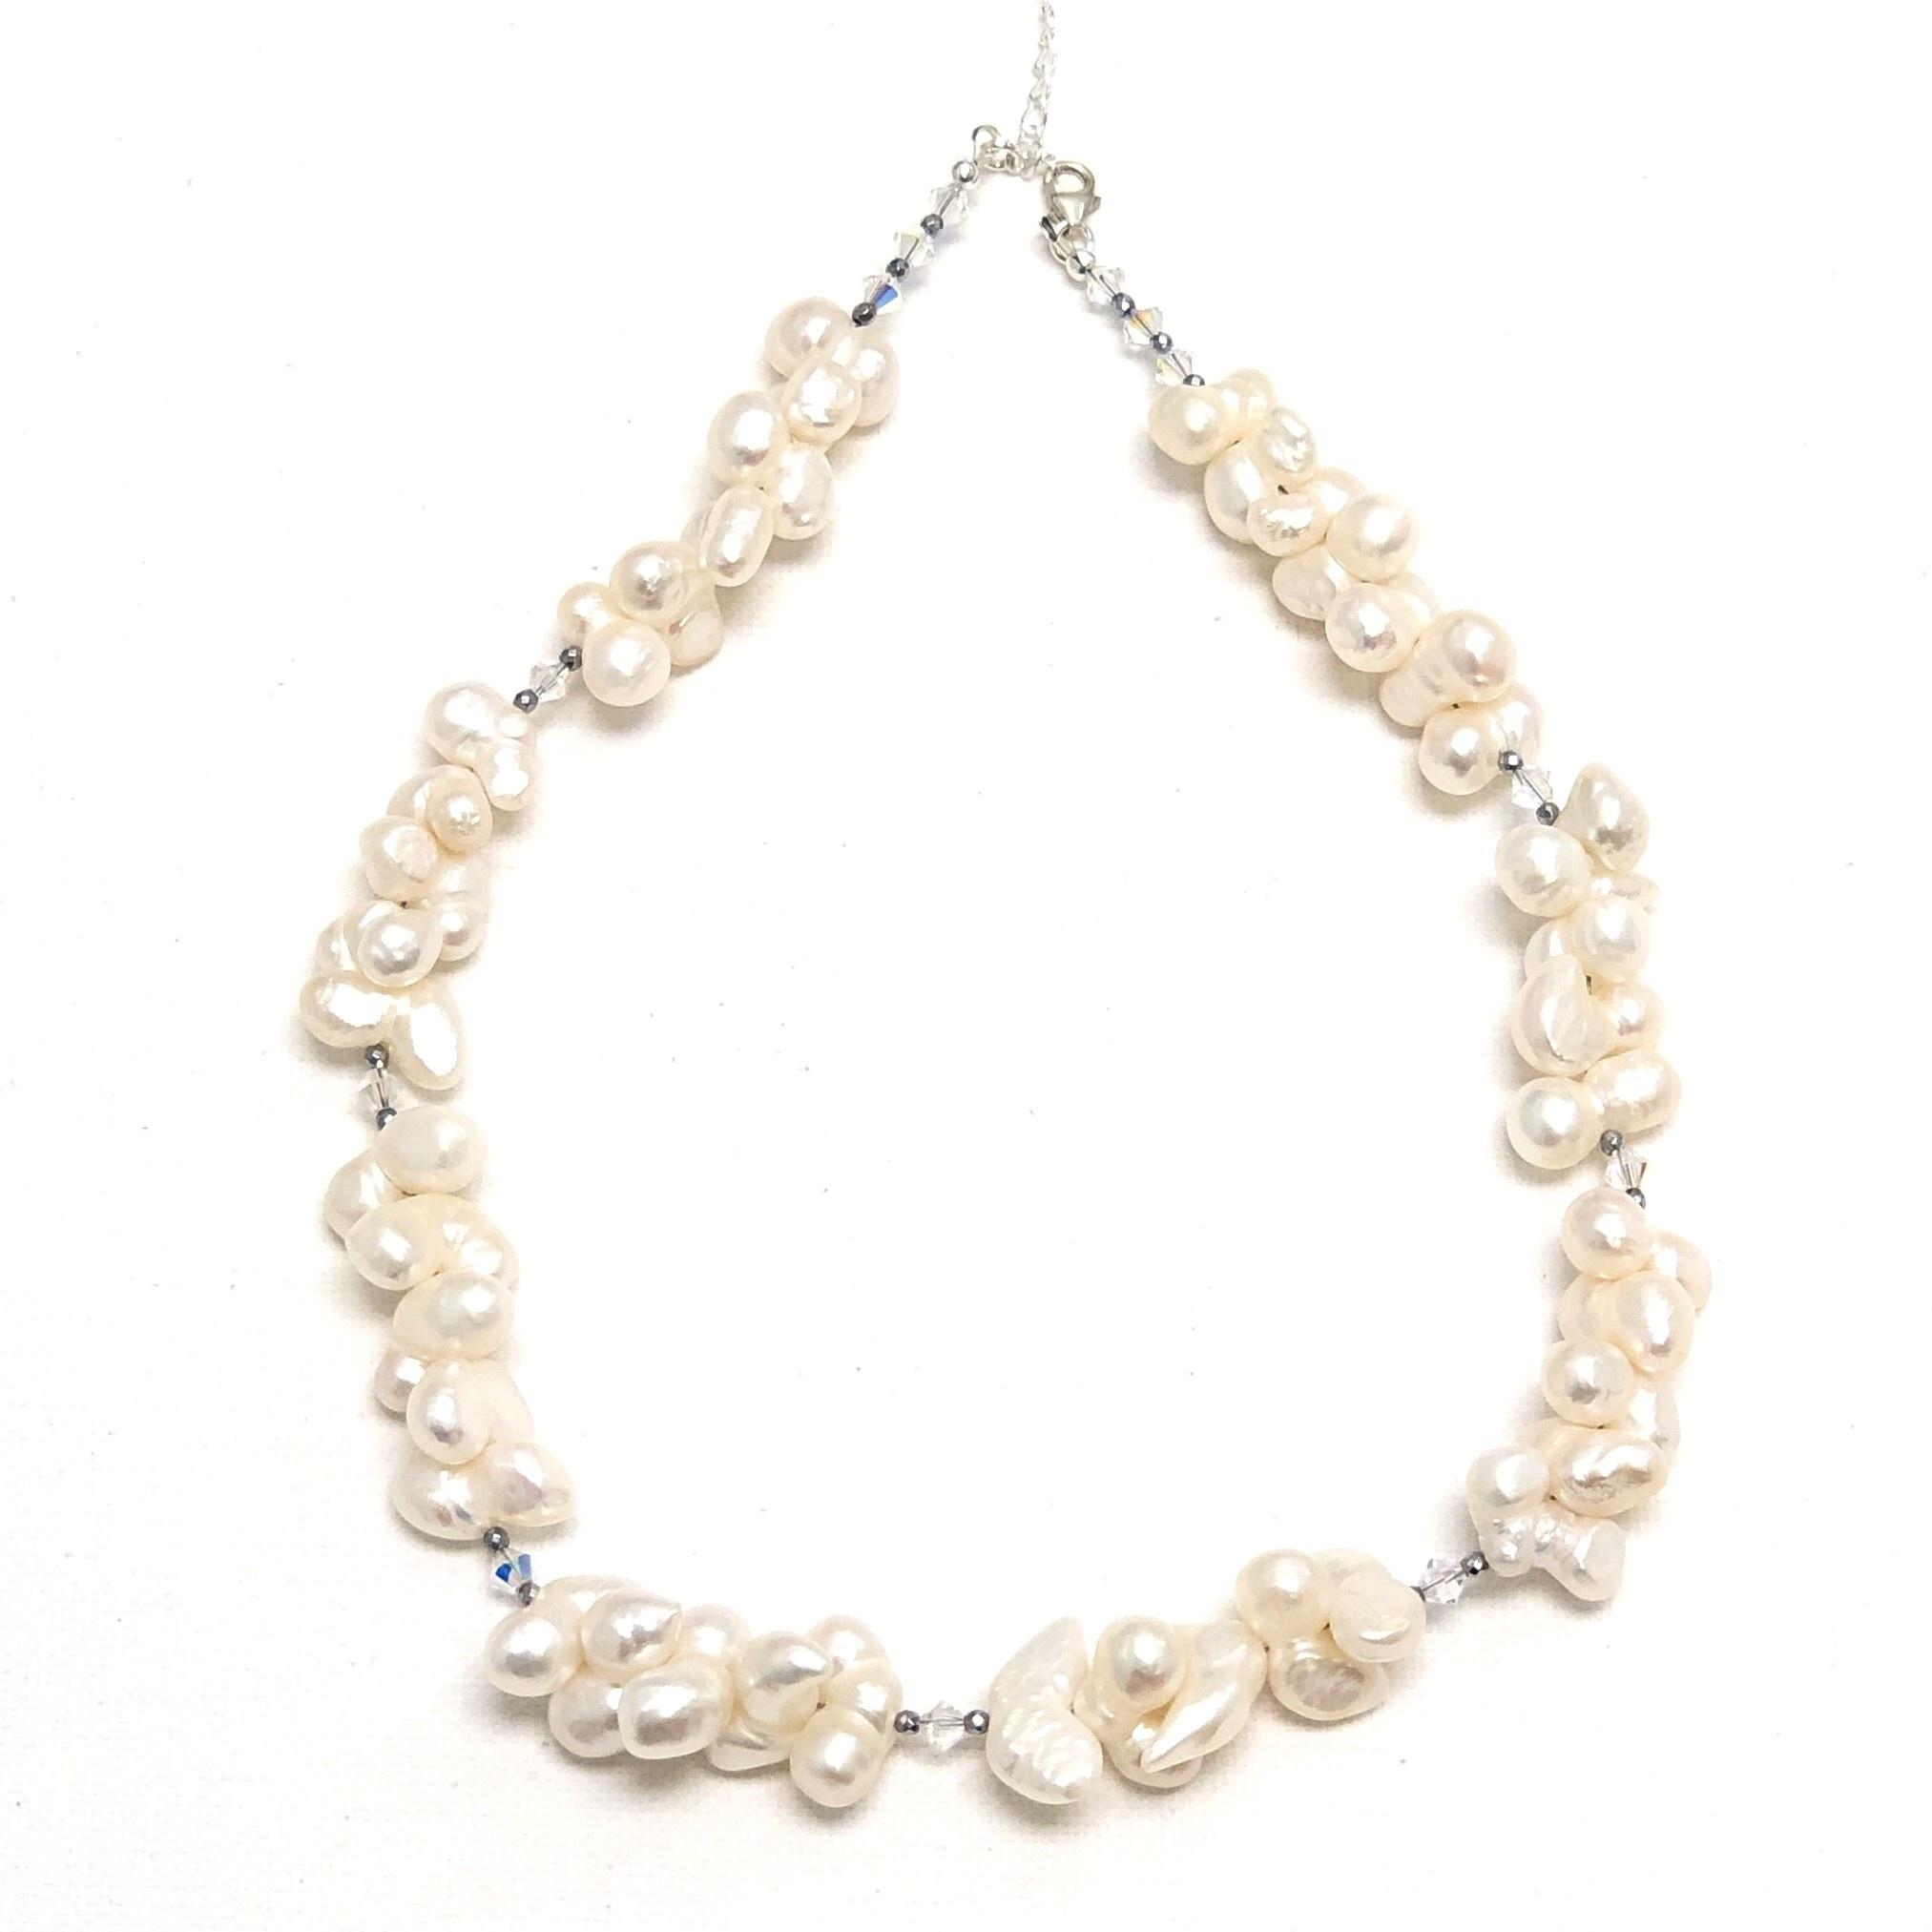 Blister Pearl & Swarovski Necklace